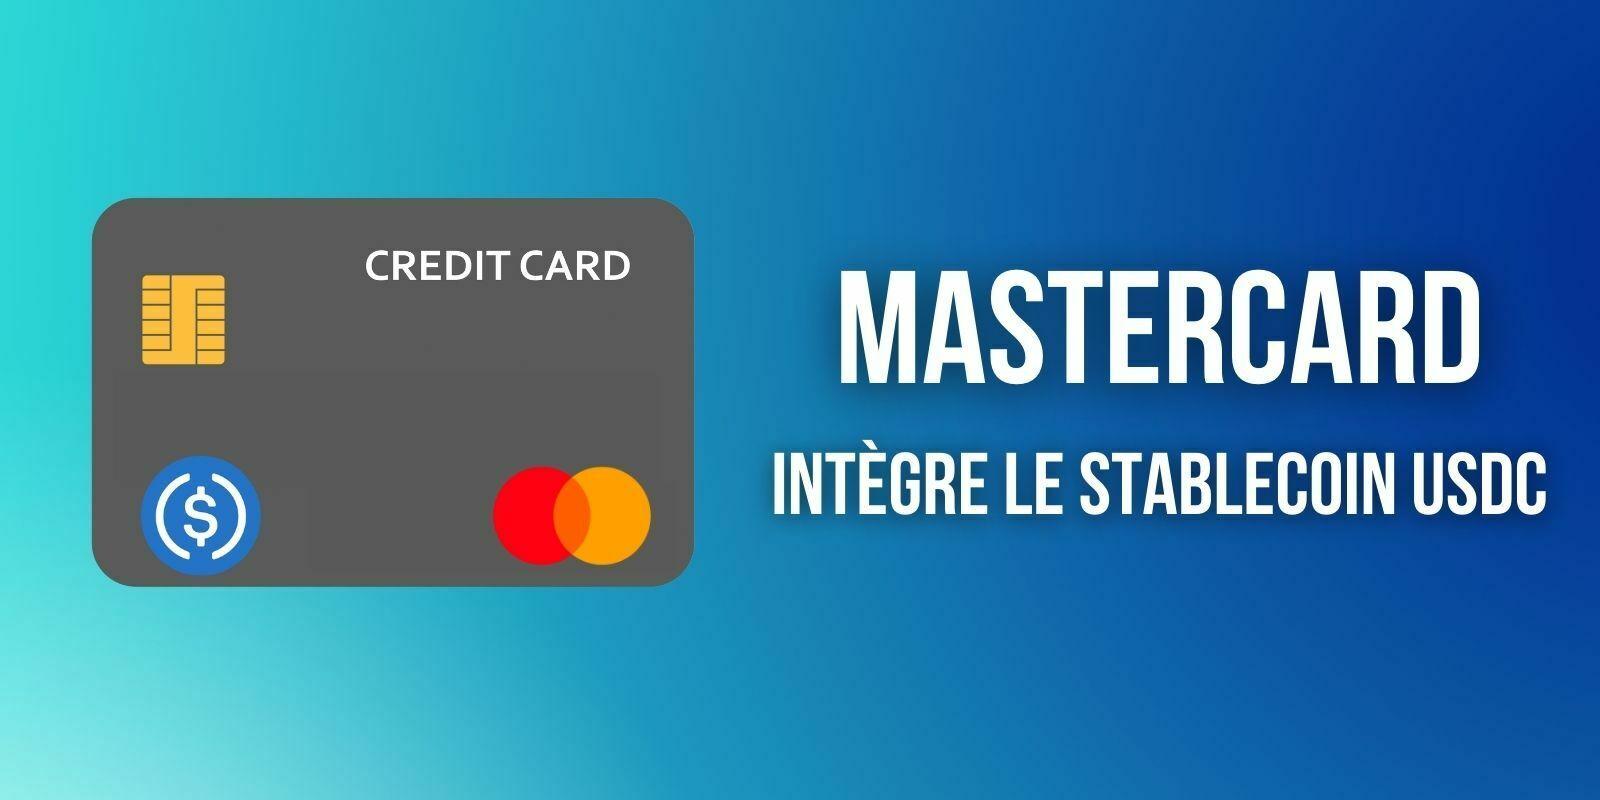 Mastercard va tester le stablecoin USDC pour permettre à ses clients de payer en cryptomonnaies